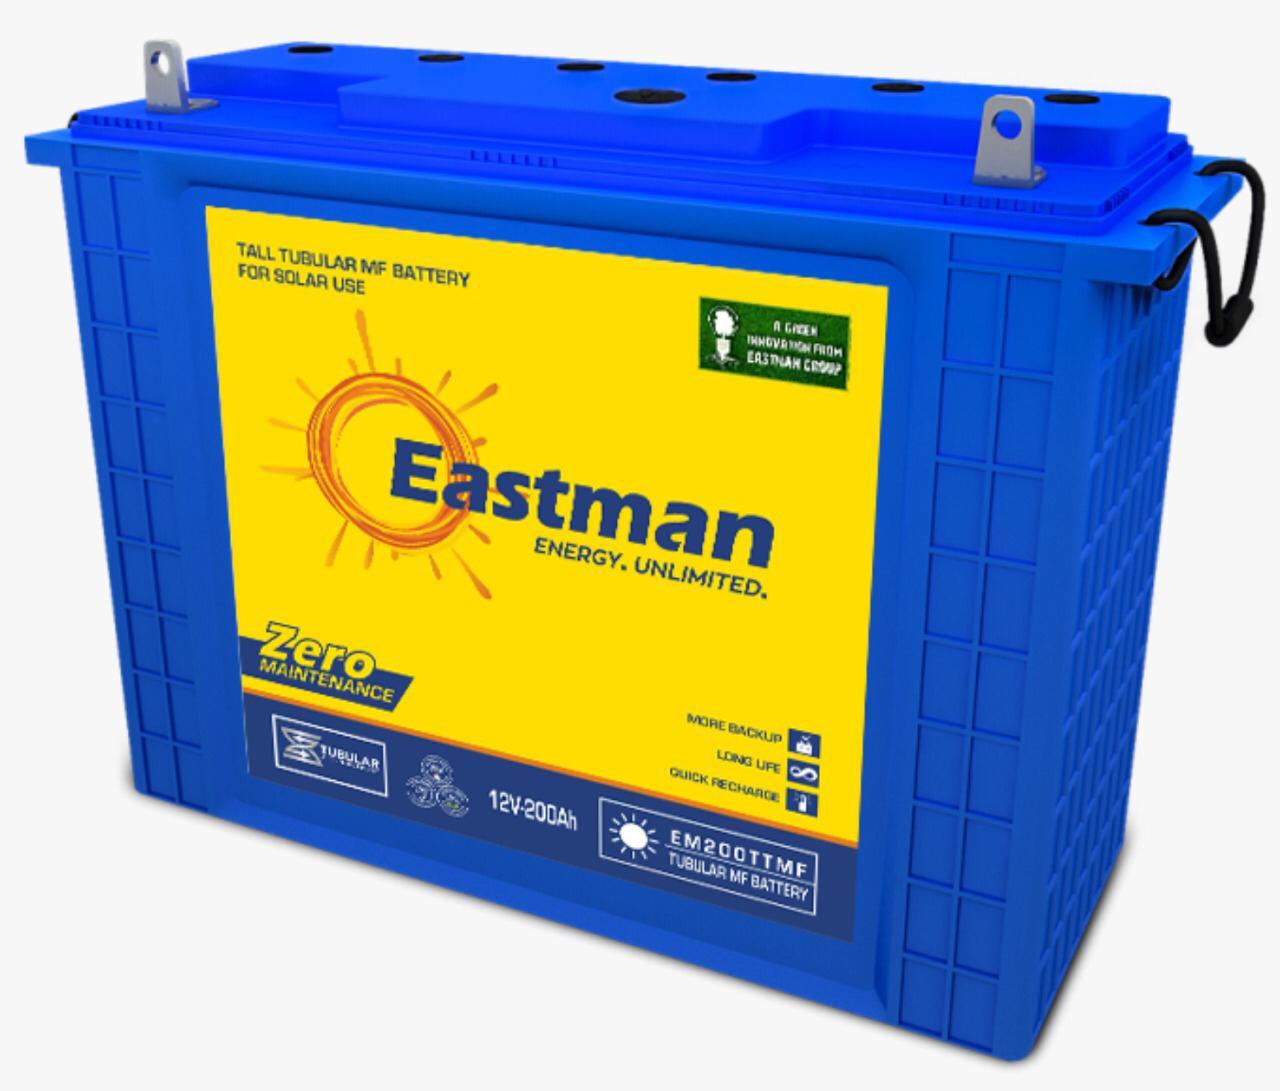 12V/200AH Eastman battery